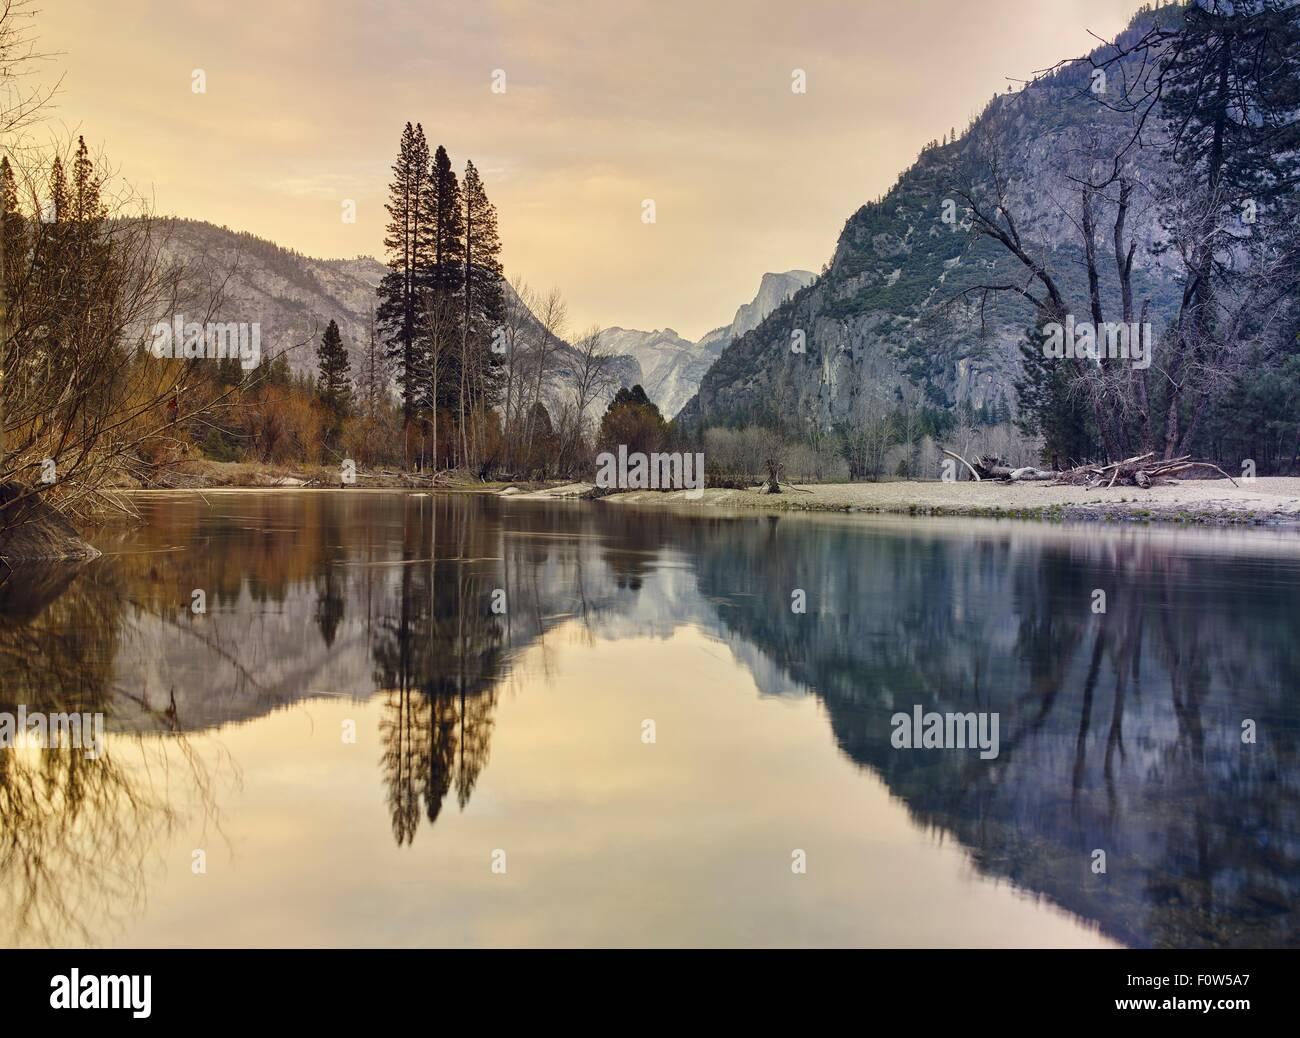 Montagne e lago, Yosemite National Park, California, Stati Uniti d'America Immagini Stock